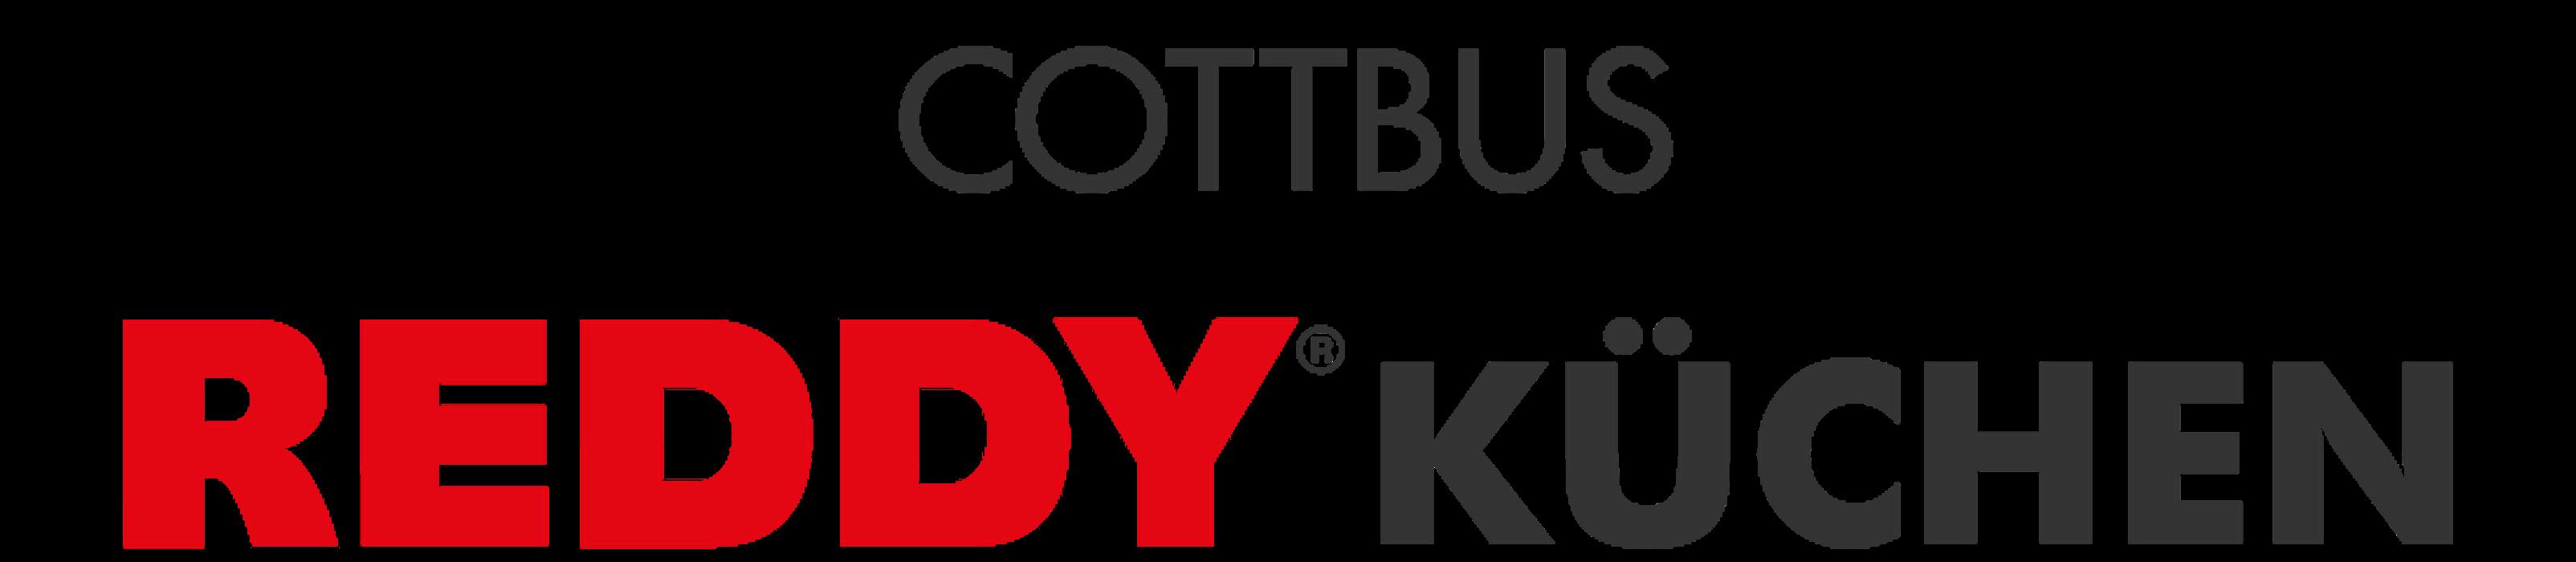 REDDY Küchen Cottbus in Cottbus - Öffnungszeiten & Adresse ...